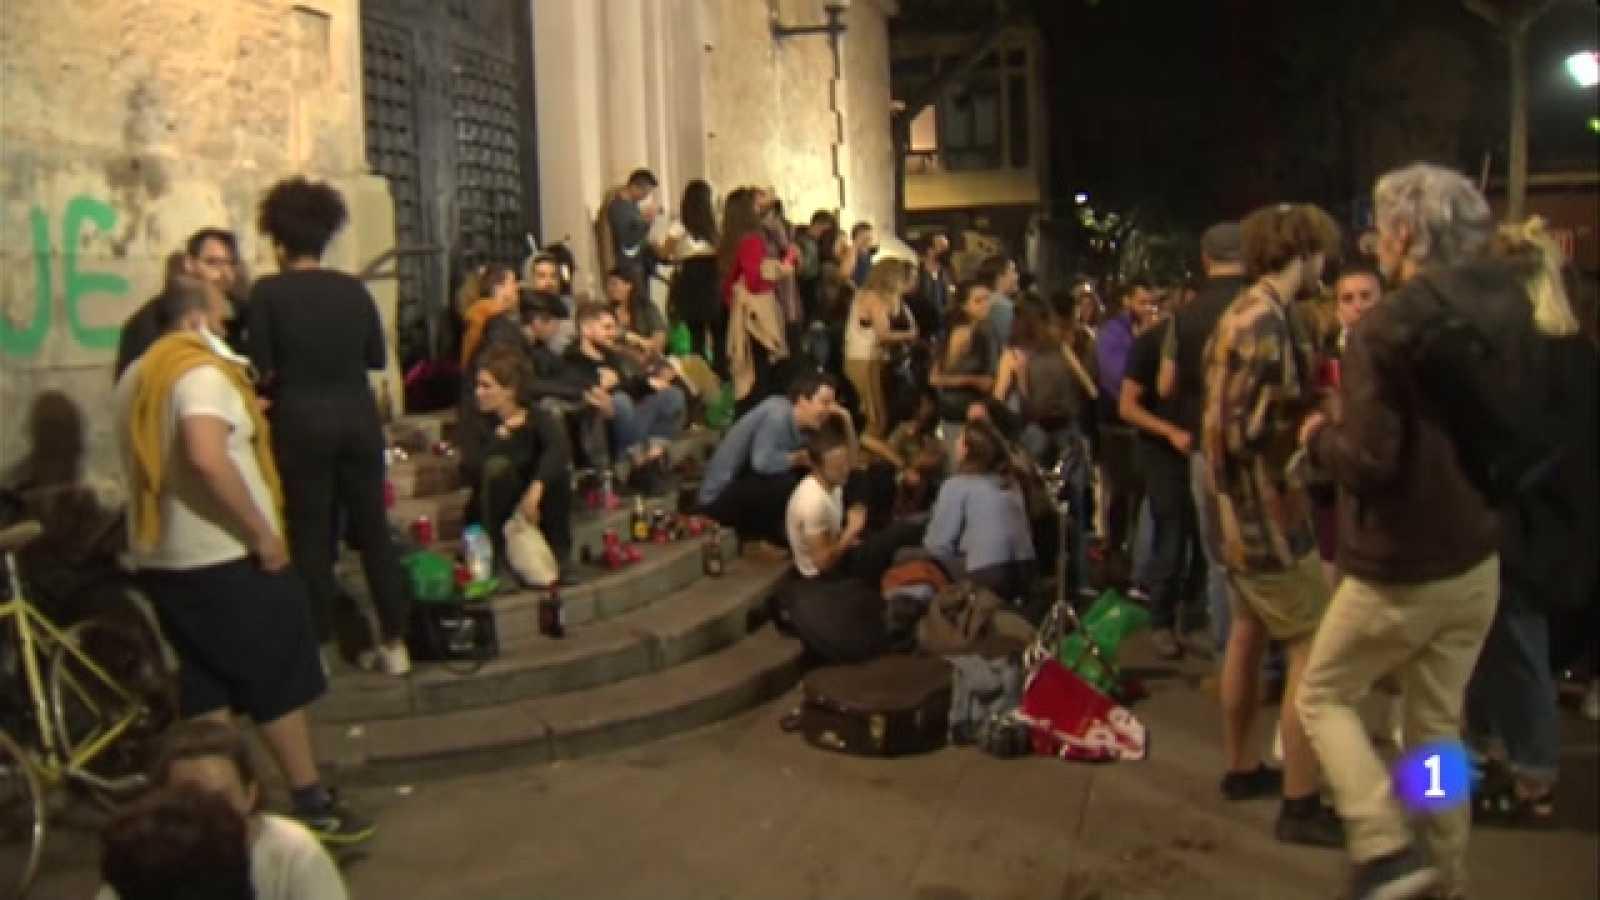 Celebracions massives al carrer per celebrar la fi del toc de queda